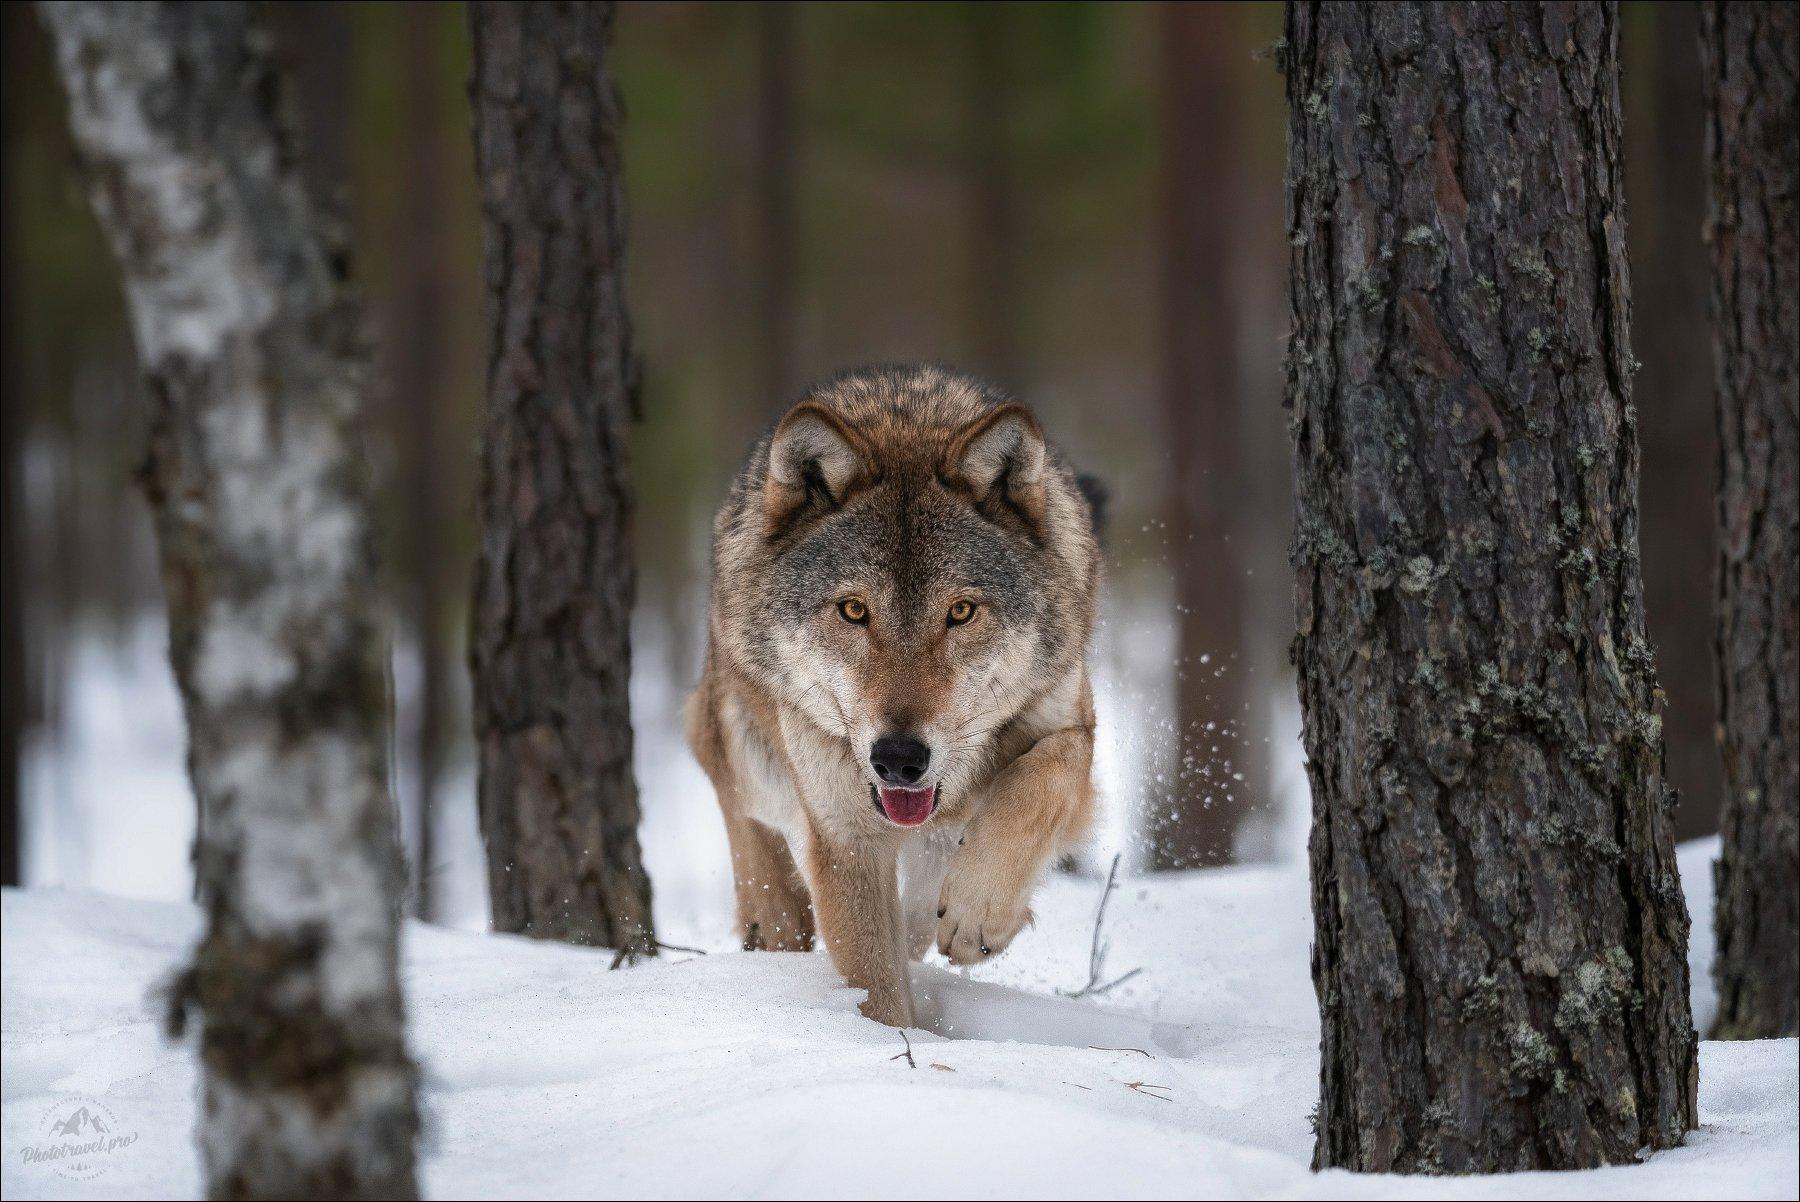 волк, wolf, красная шапочка, беларусь, красный бор, фототур в красный бор, фотоохота, дикая природа беларуси, canis lupus, red riding hood, серый волк, обыкновенный волк, евразийский волк, европейский волк, Влад Соколовский